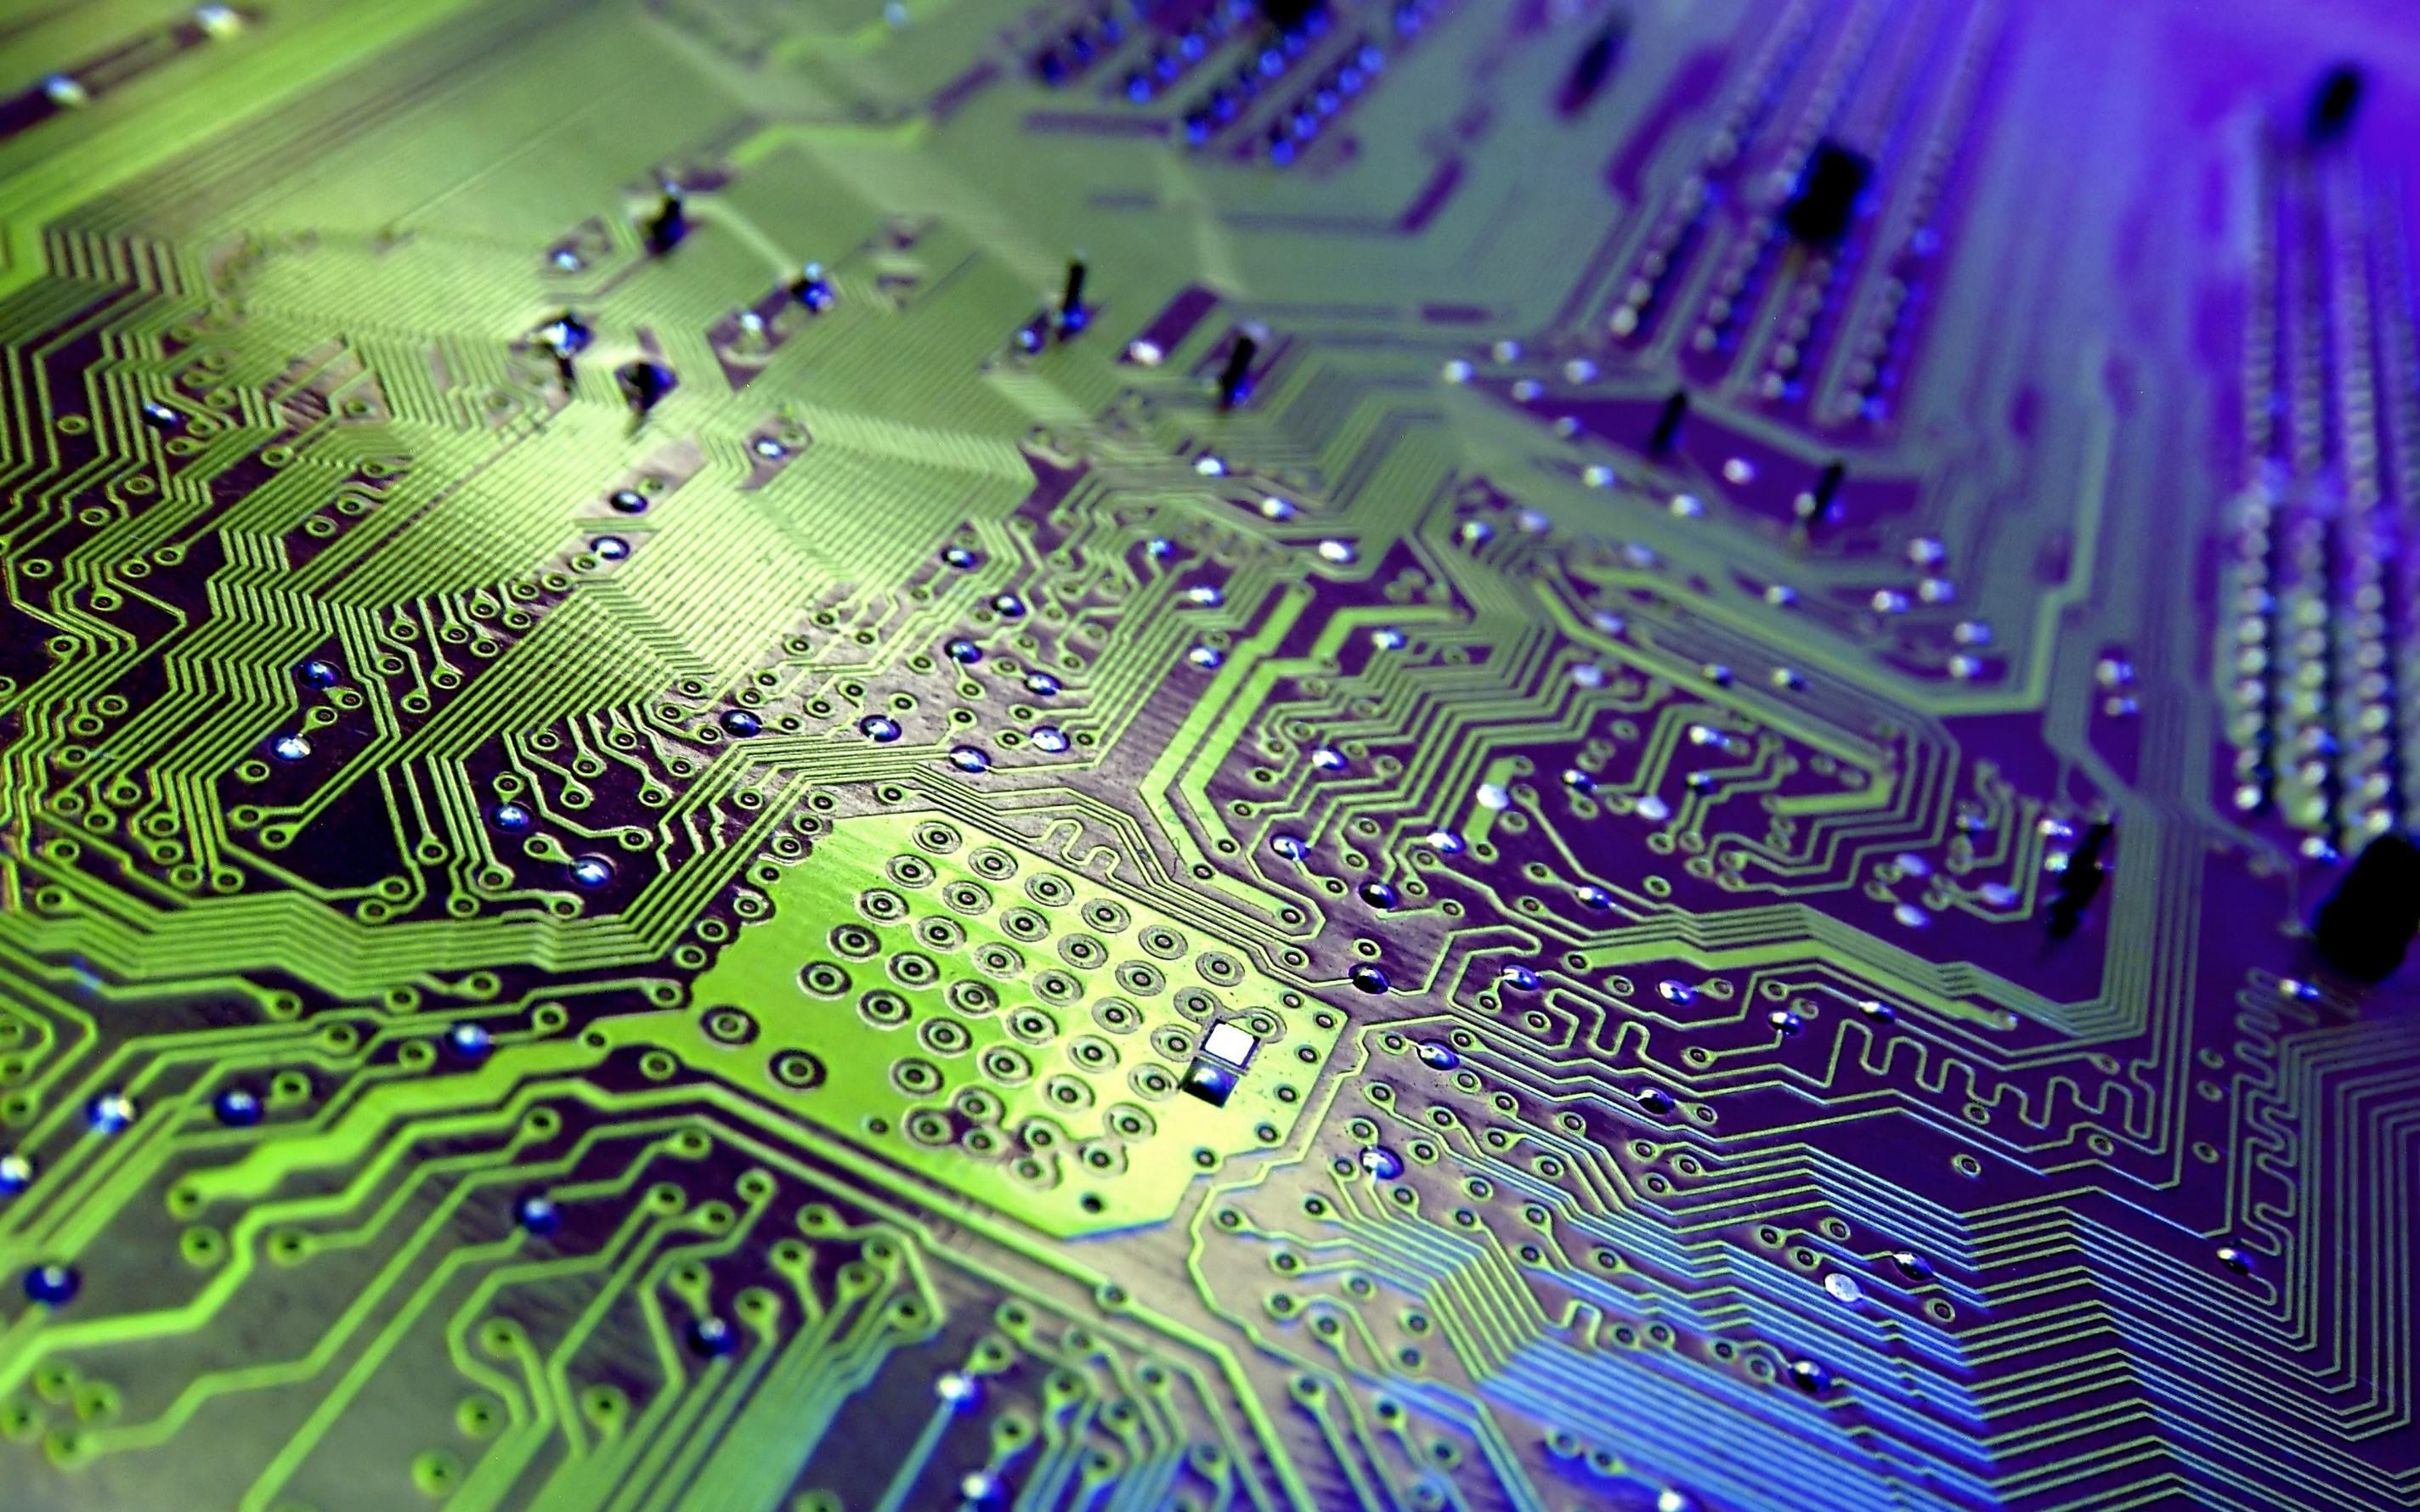 Res: 2848x1780, Chip HQ Desktop Wallpaper 16649